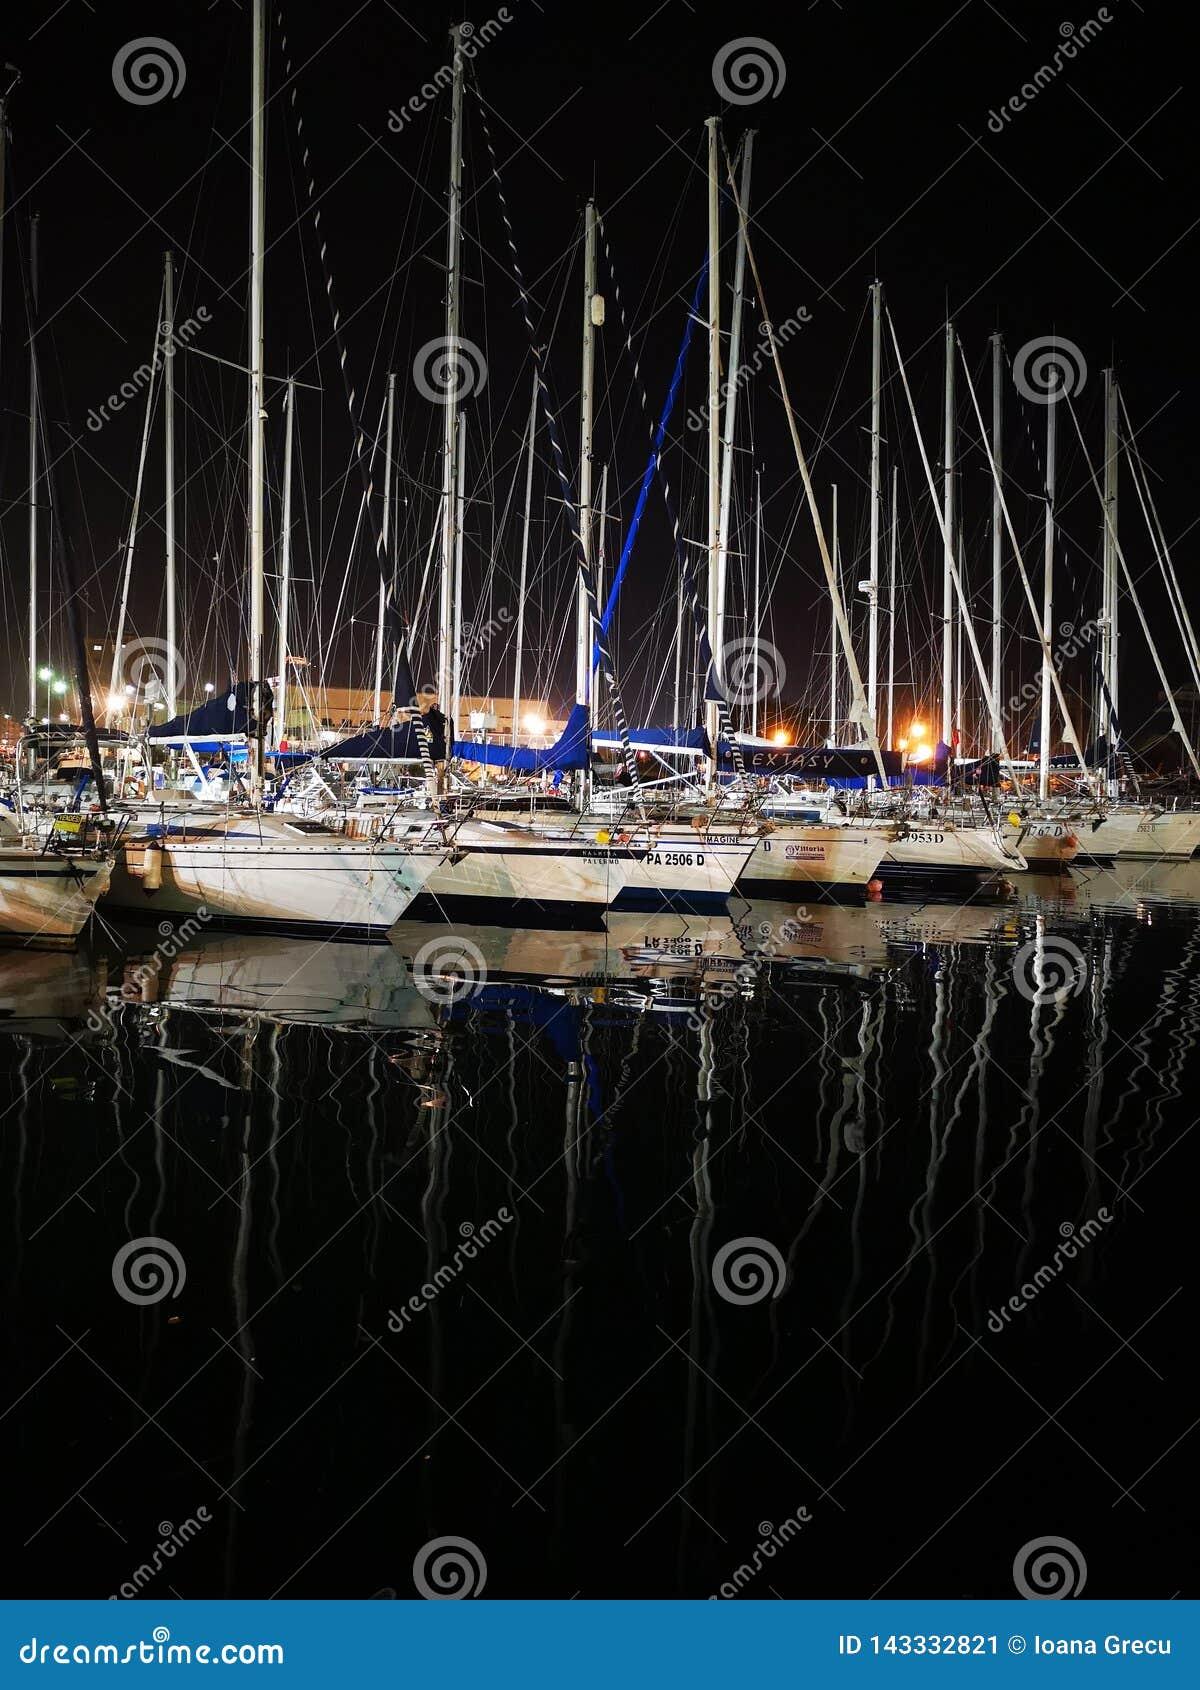 Las velas navegan los barcos en el puerto de Palermo, Italia